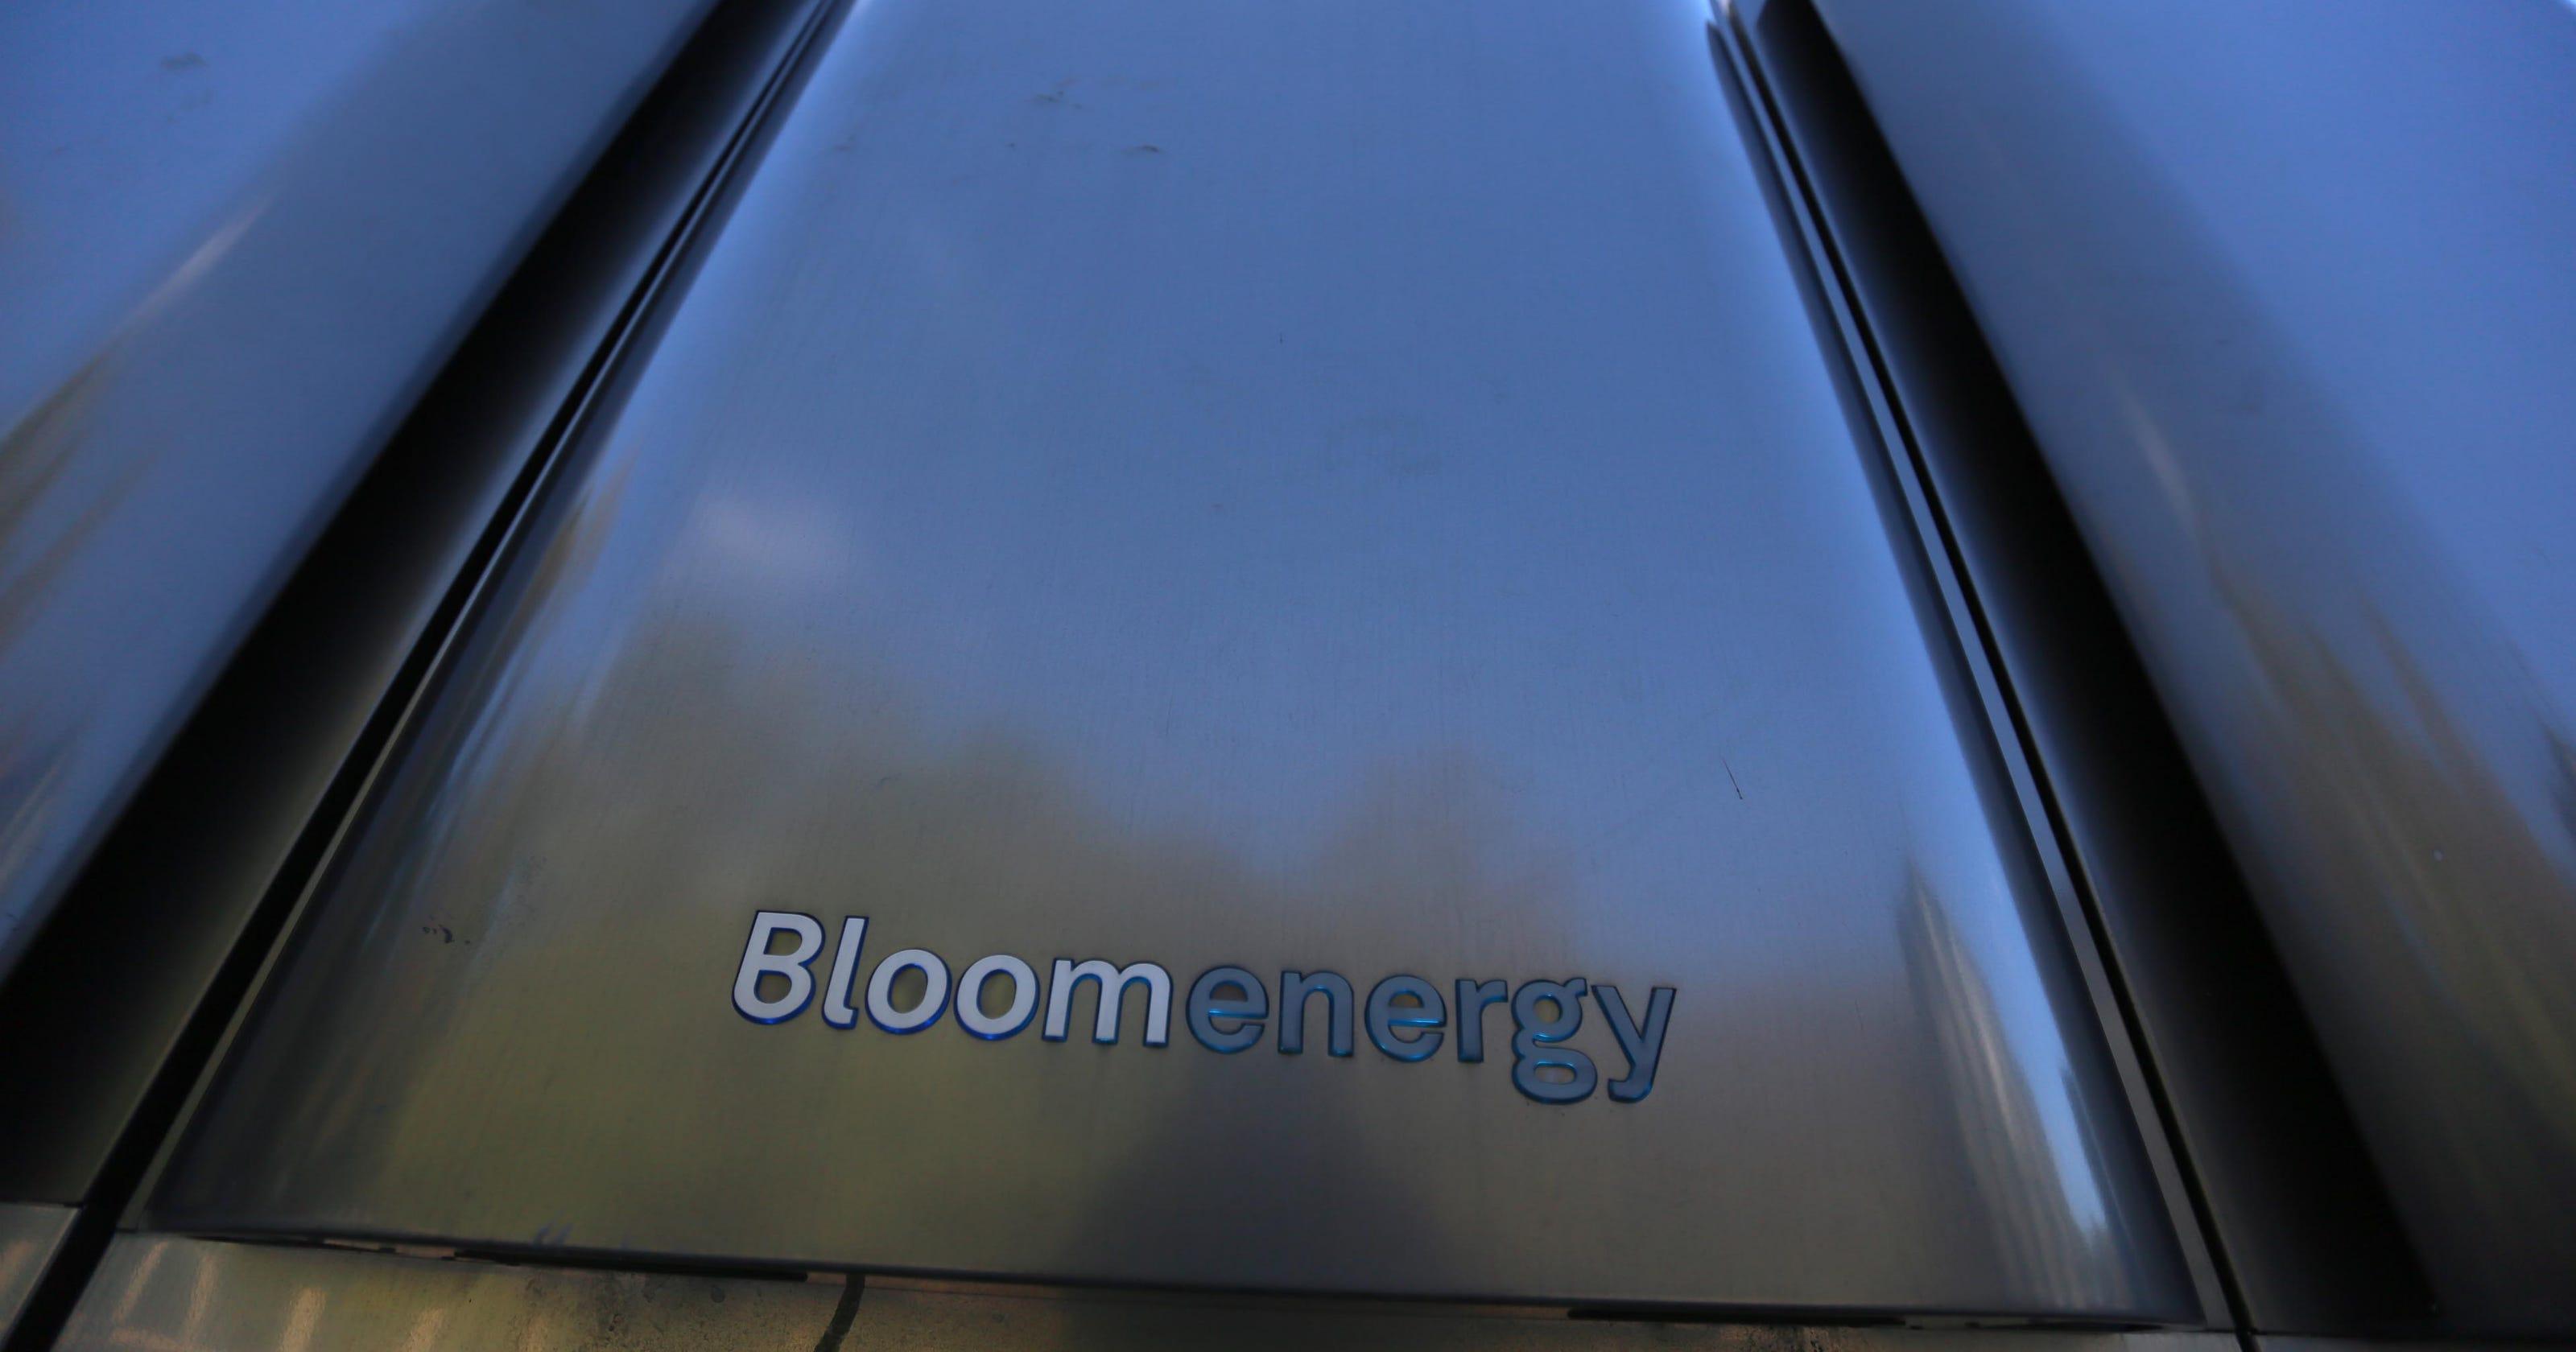 Bloom Energy shares spike after hitting market, despite Delaware